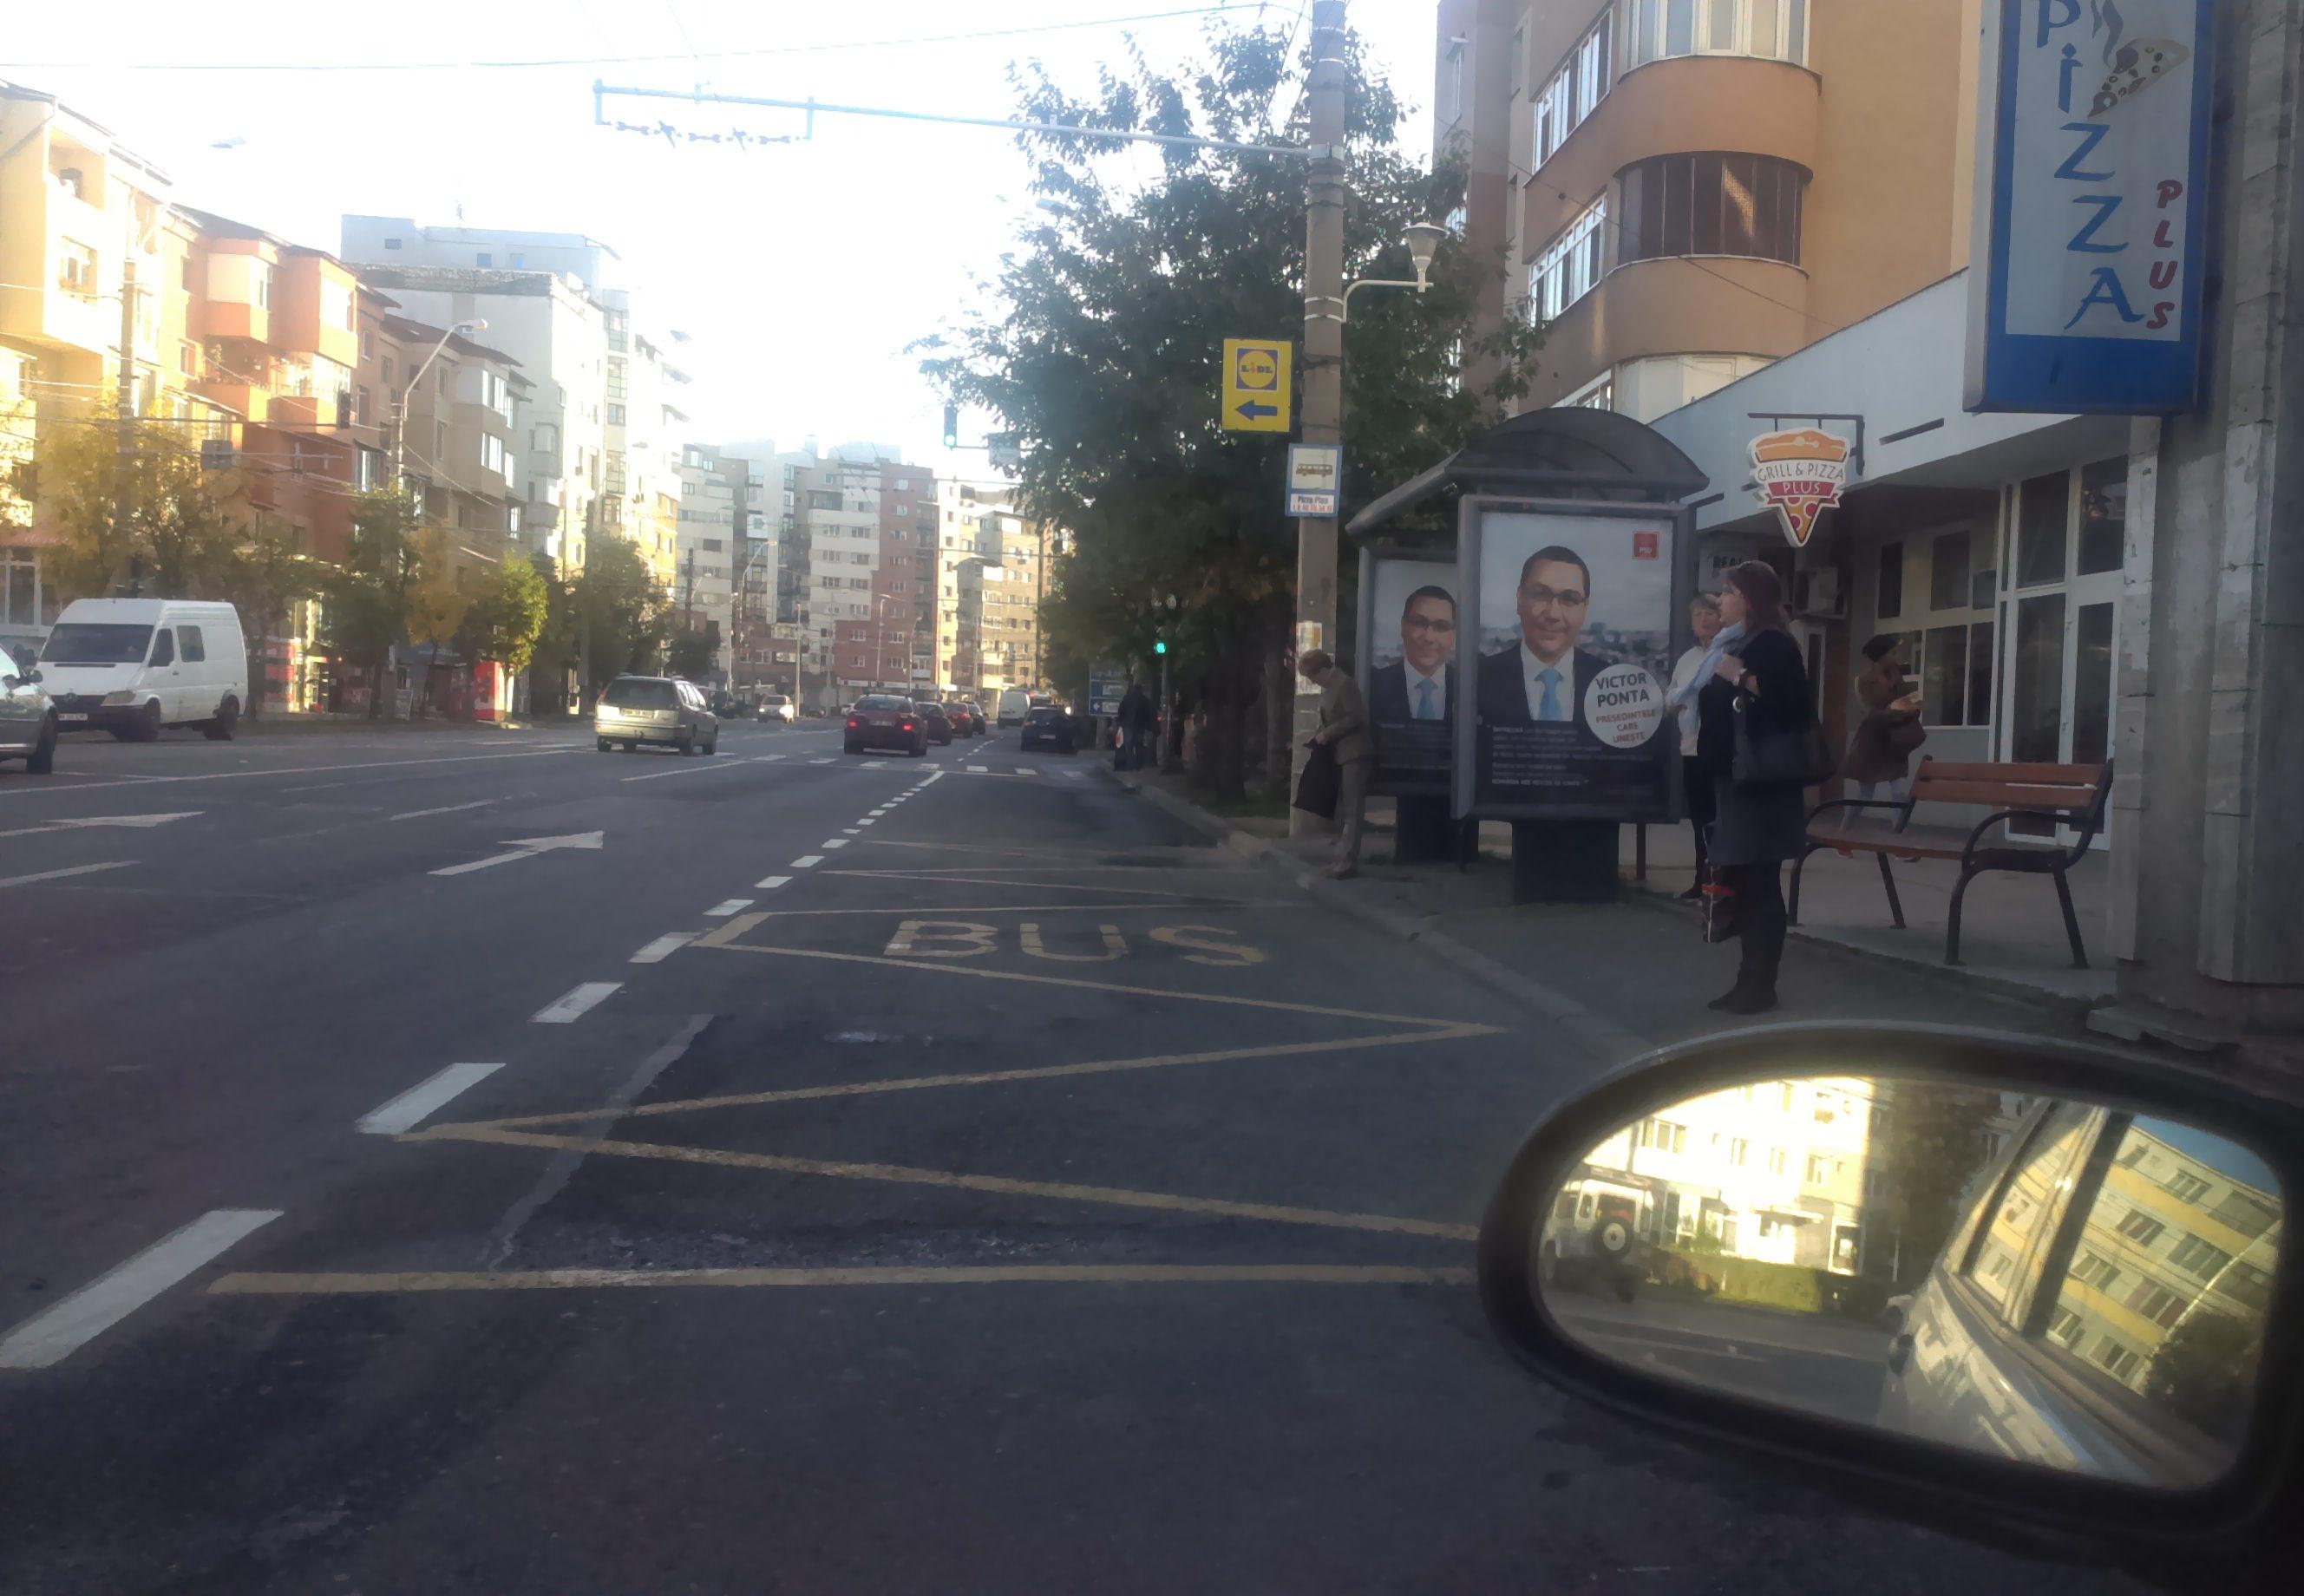 Prea mult Ponta in oras!